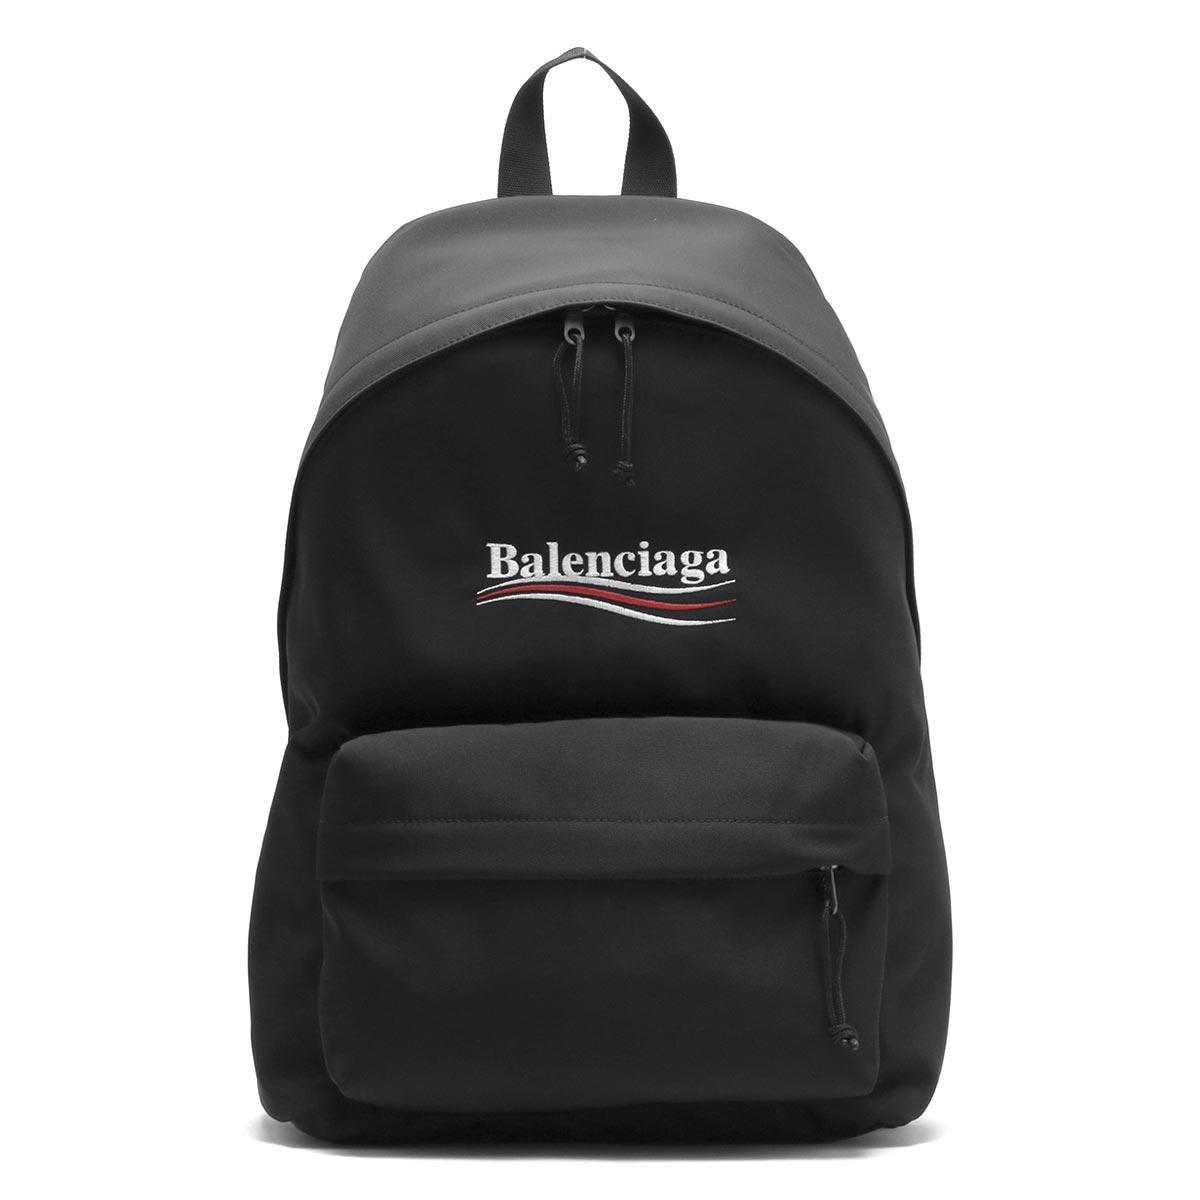 バレンシアガ リュックサック/バックパック バッグ メンズ レディース エクスプローラー ブラック 503221 9WB45 1000 BALENCIAGA